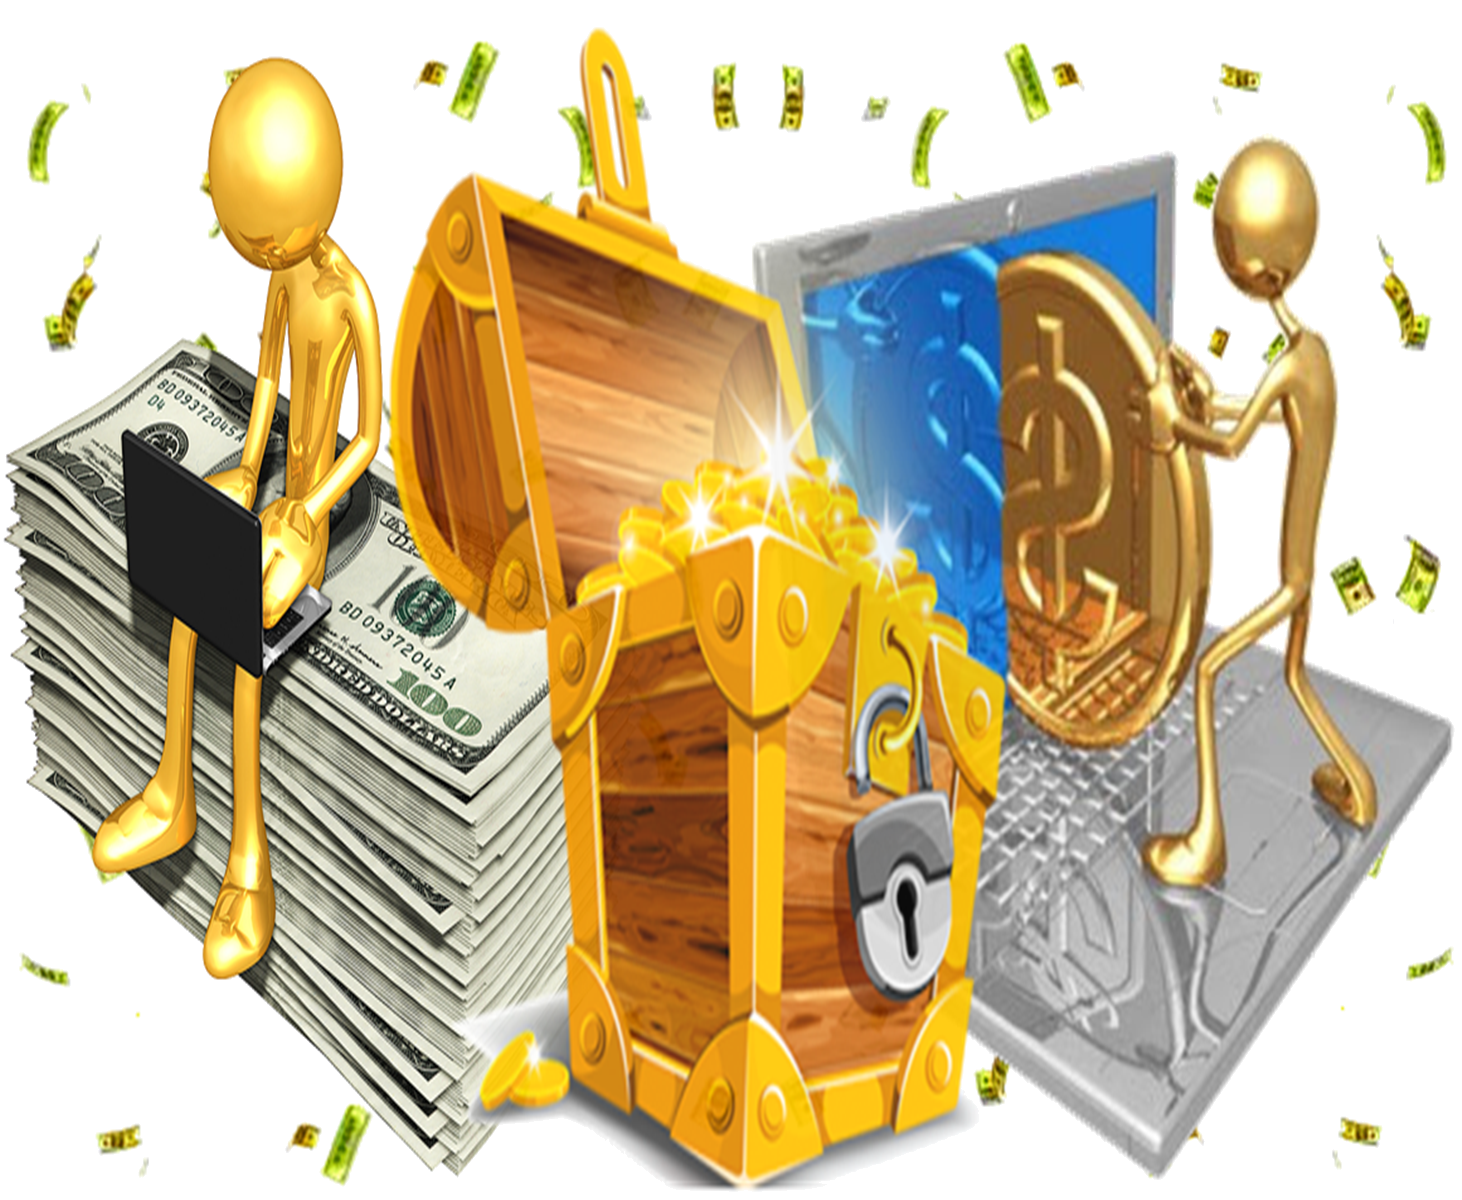 稼ぎたい人向けのビジネスや副業情報掲示板サイト